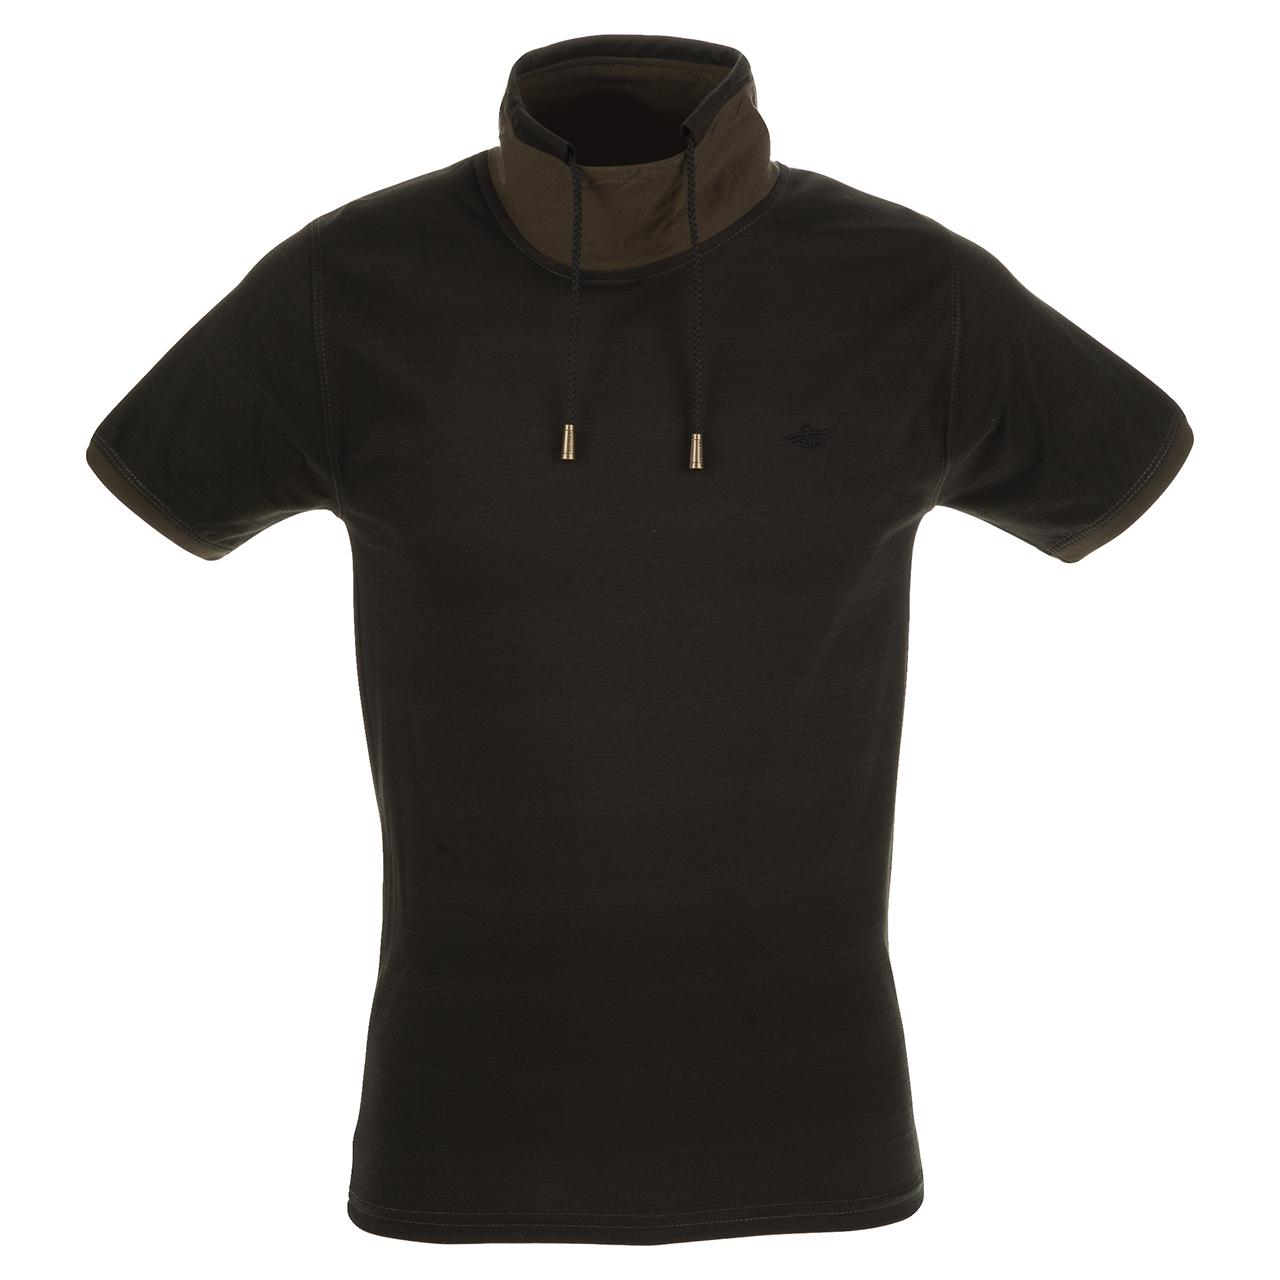 تی شرت آستین کوتاه مردانه تارکان کد 285-3